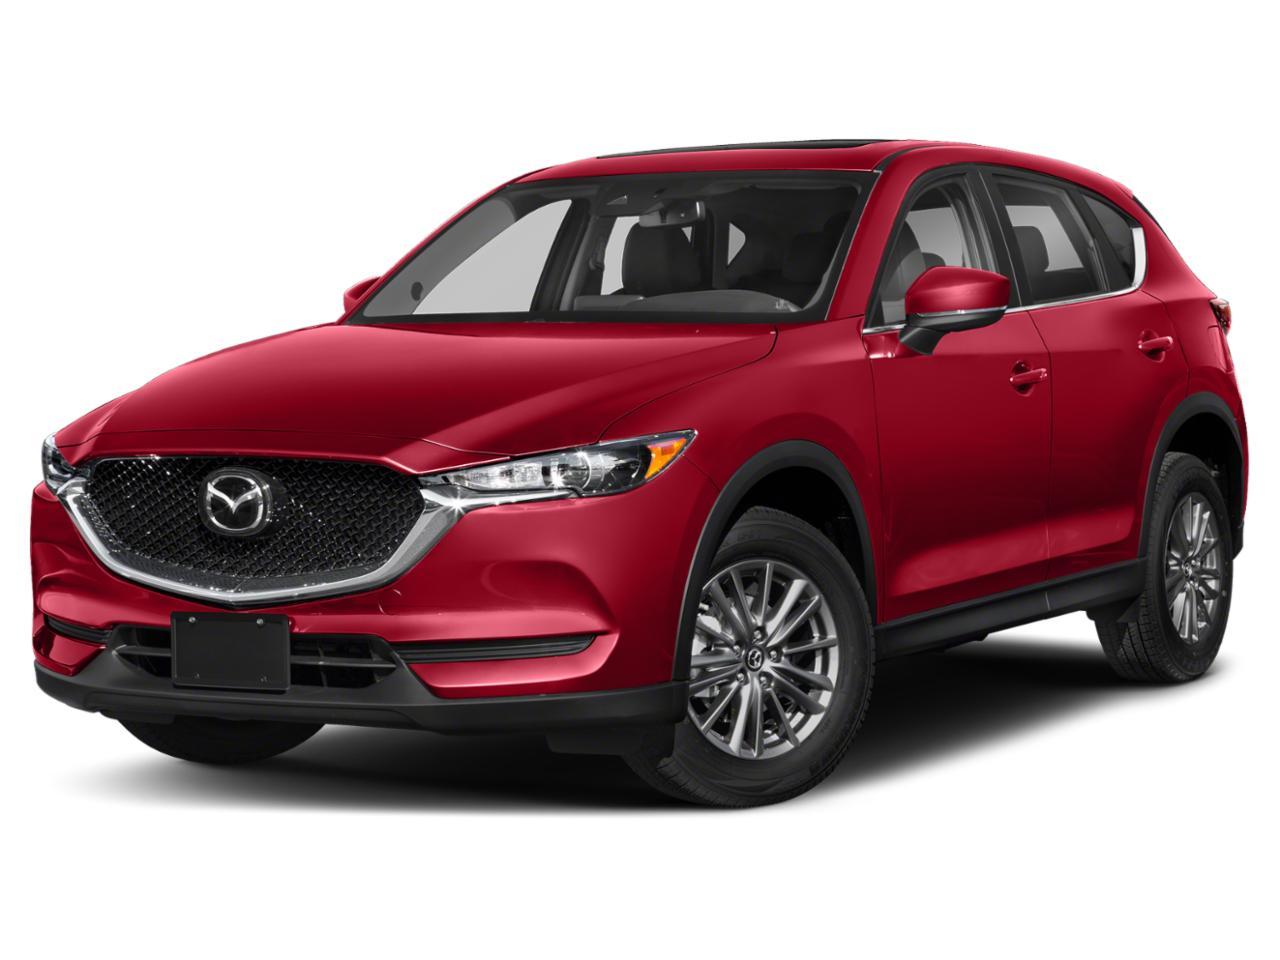 2019 Mazda CX-5 Vehicle Photo in Baton Rouge, LA 70806